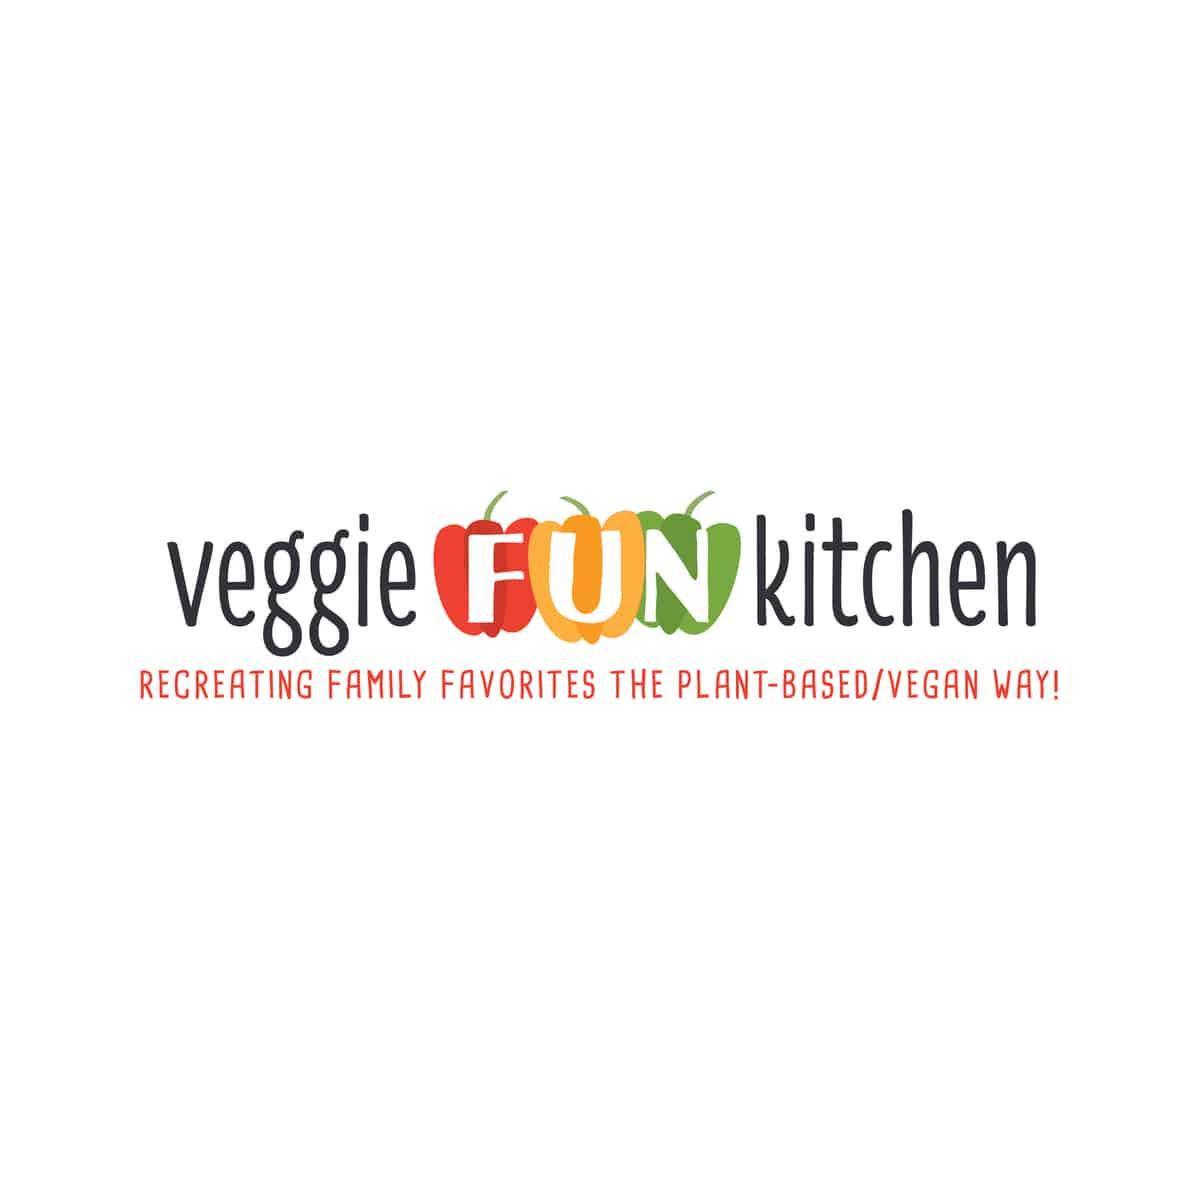 Veggie Fun Kitchen